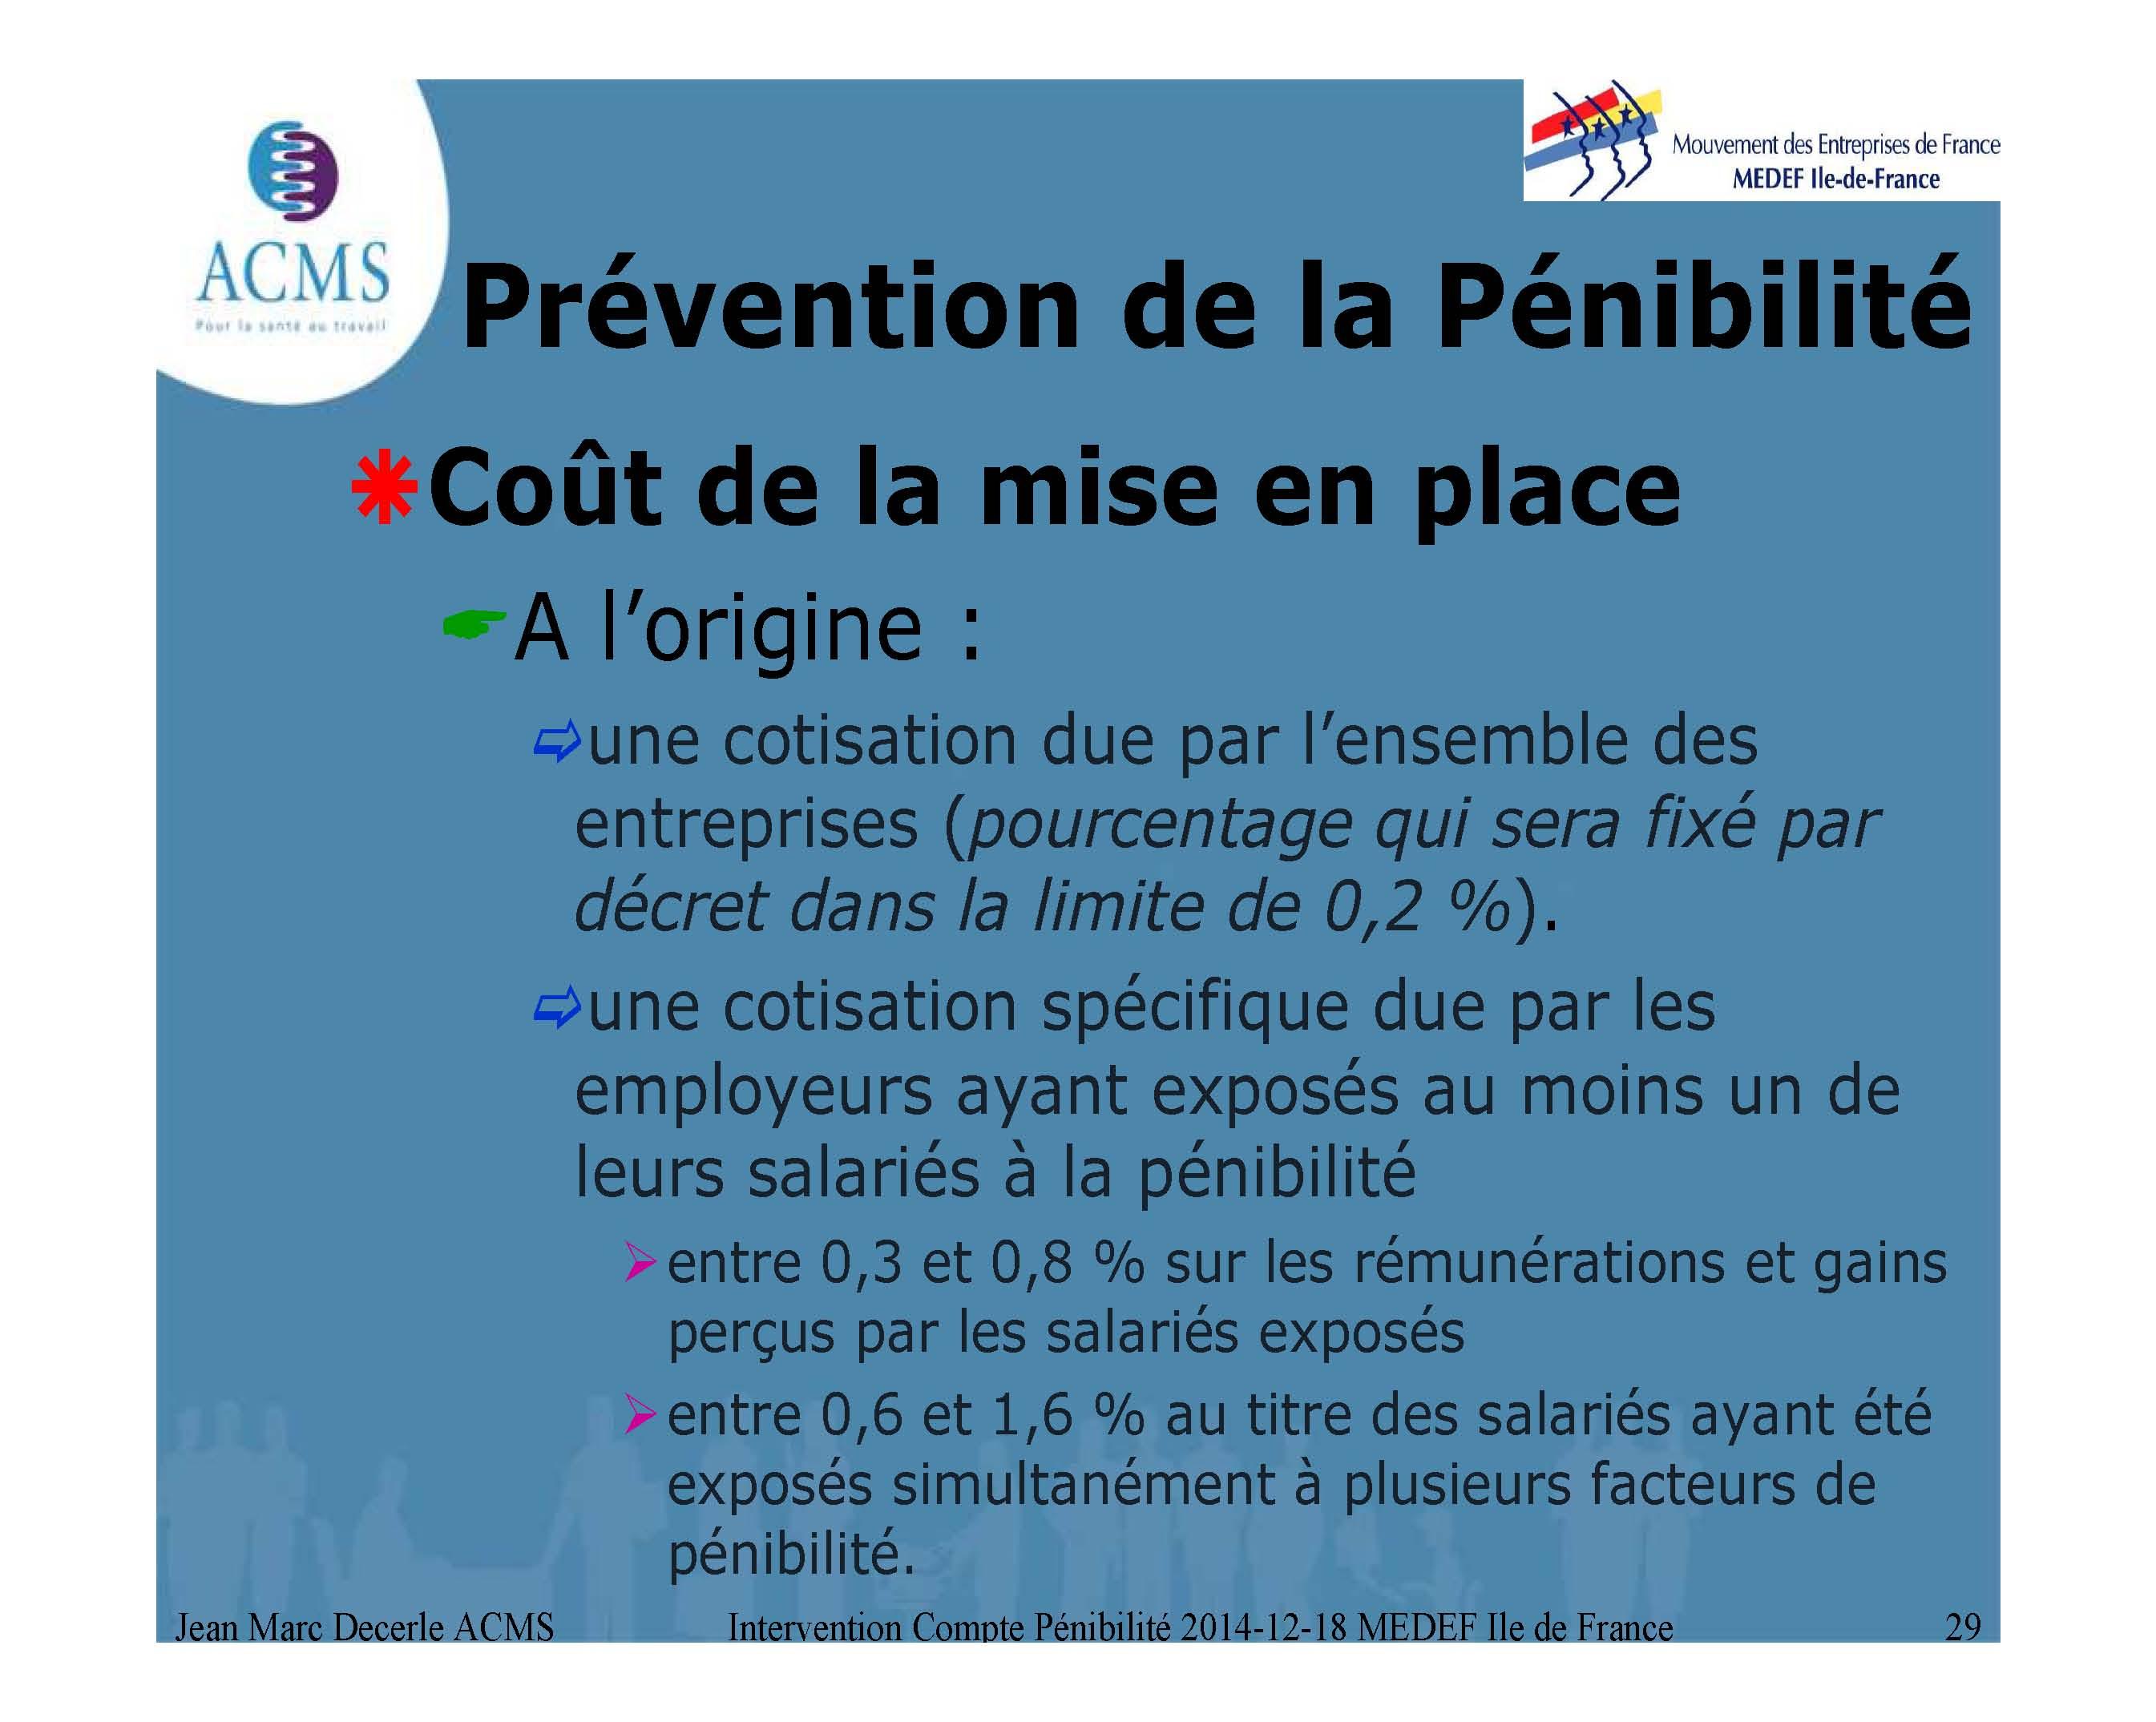 2014-12-18 Compte Pénibilite MEDEF Ile de France_Page_29